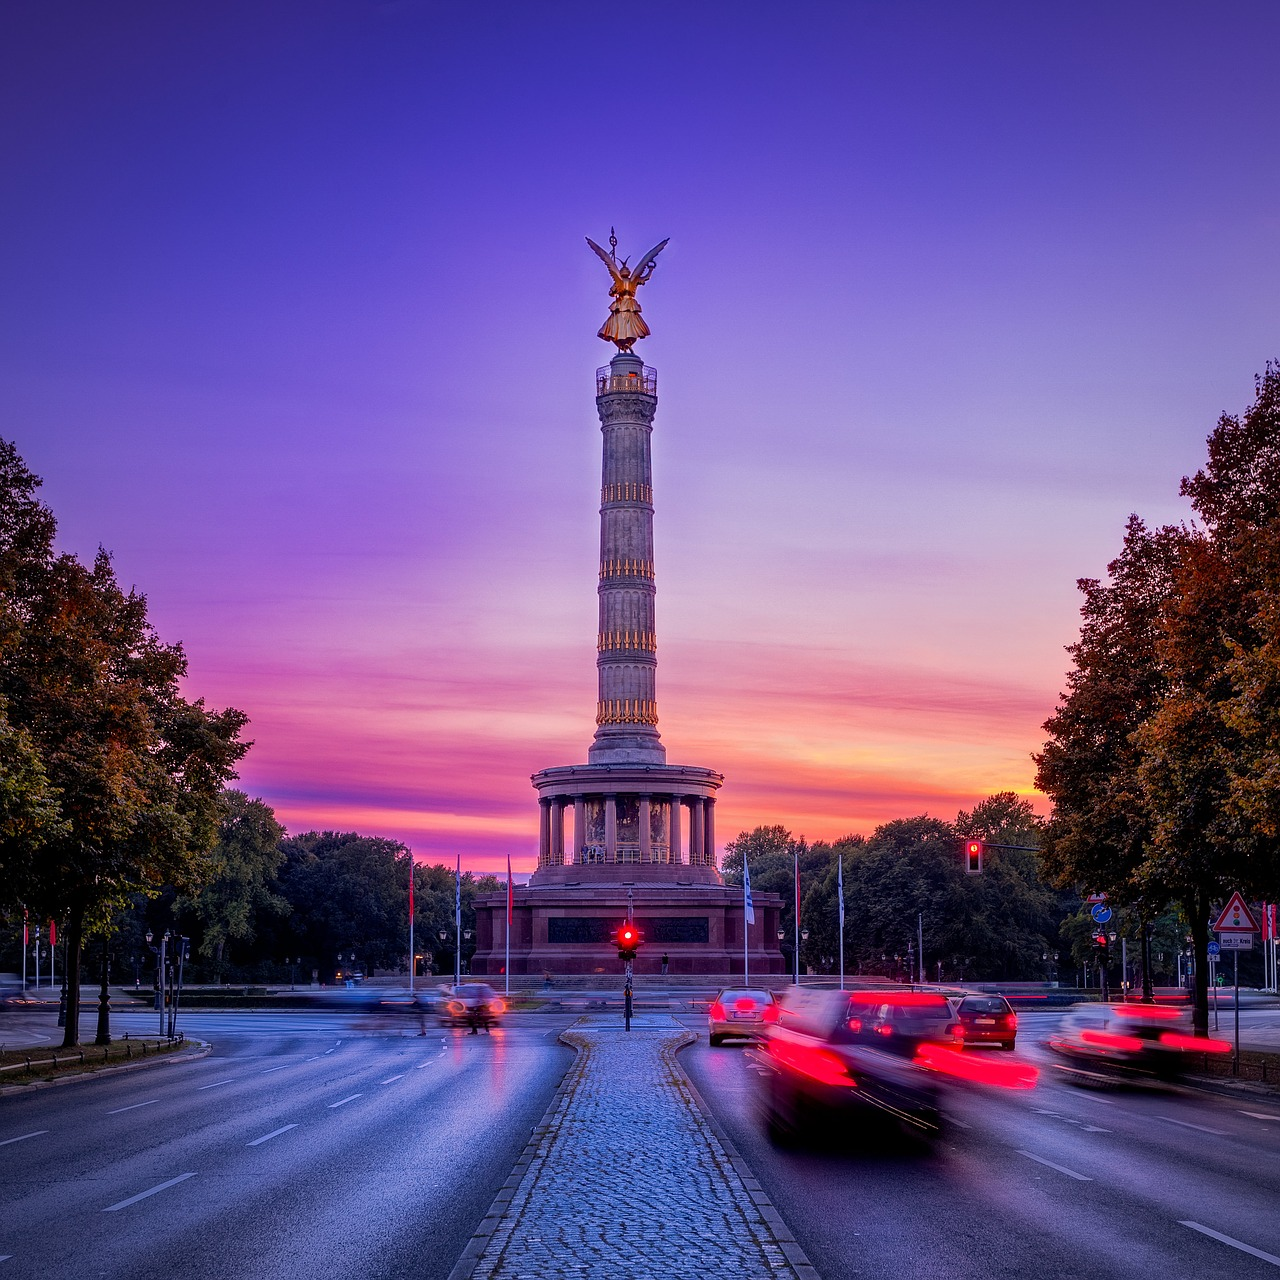 siegessaule-1122099_1280 برلين عاصمة الحرب و السلام , هنا تجدون رحلتي لها مع اهم الاماكن السياحية و الفنادق و الاسواق و بعض المطاعم .